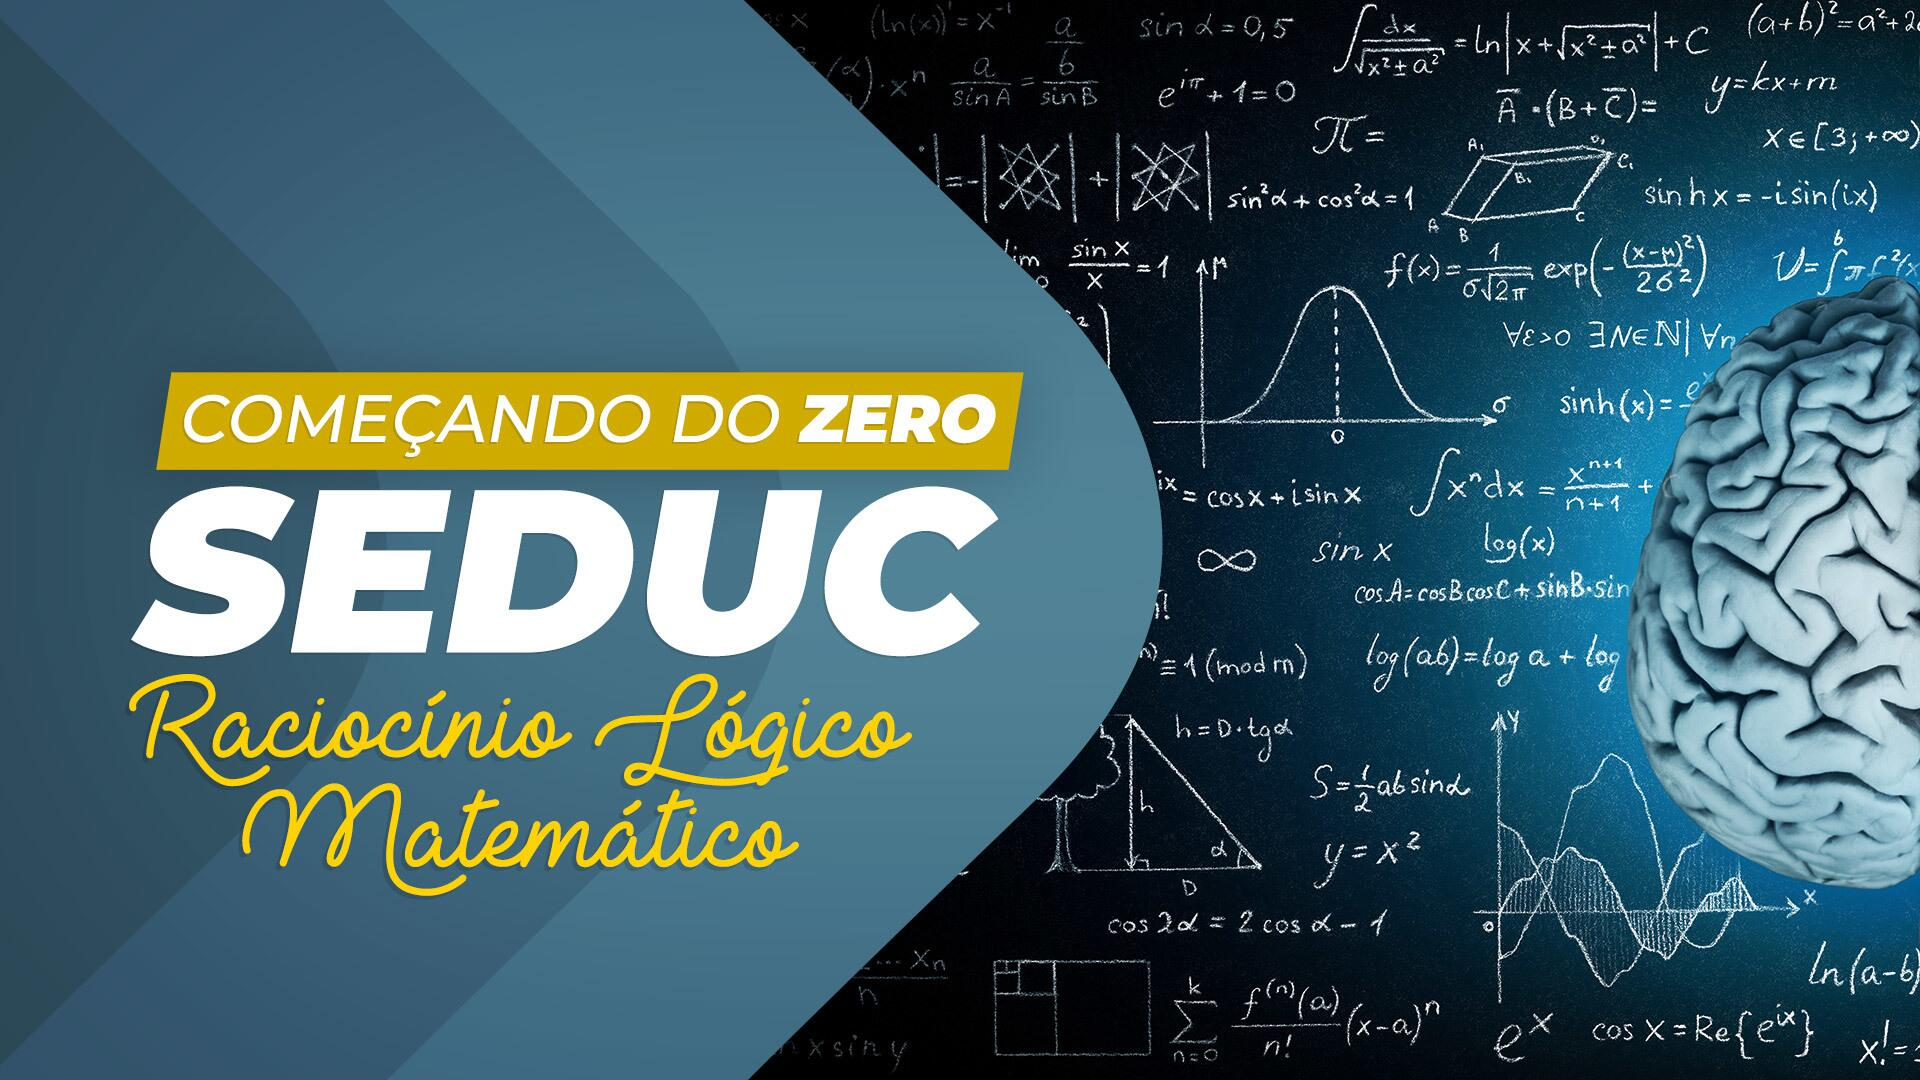 Começando do Zero - SEDUC - RLM - GRATUITO